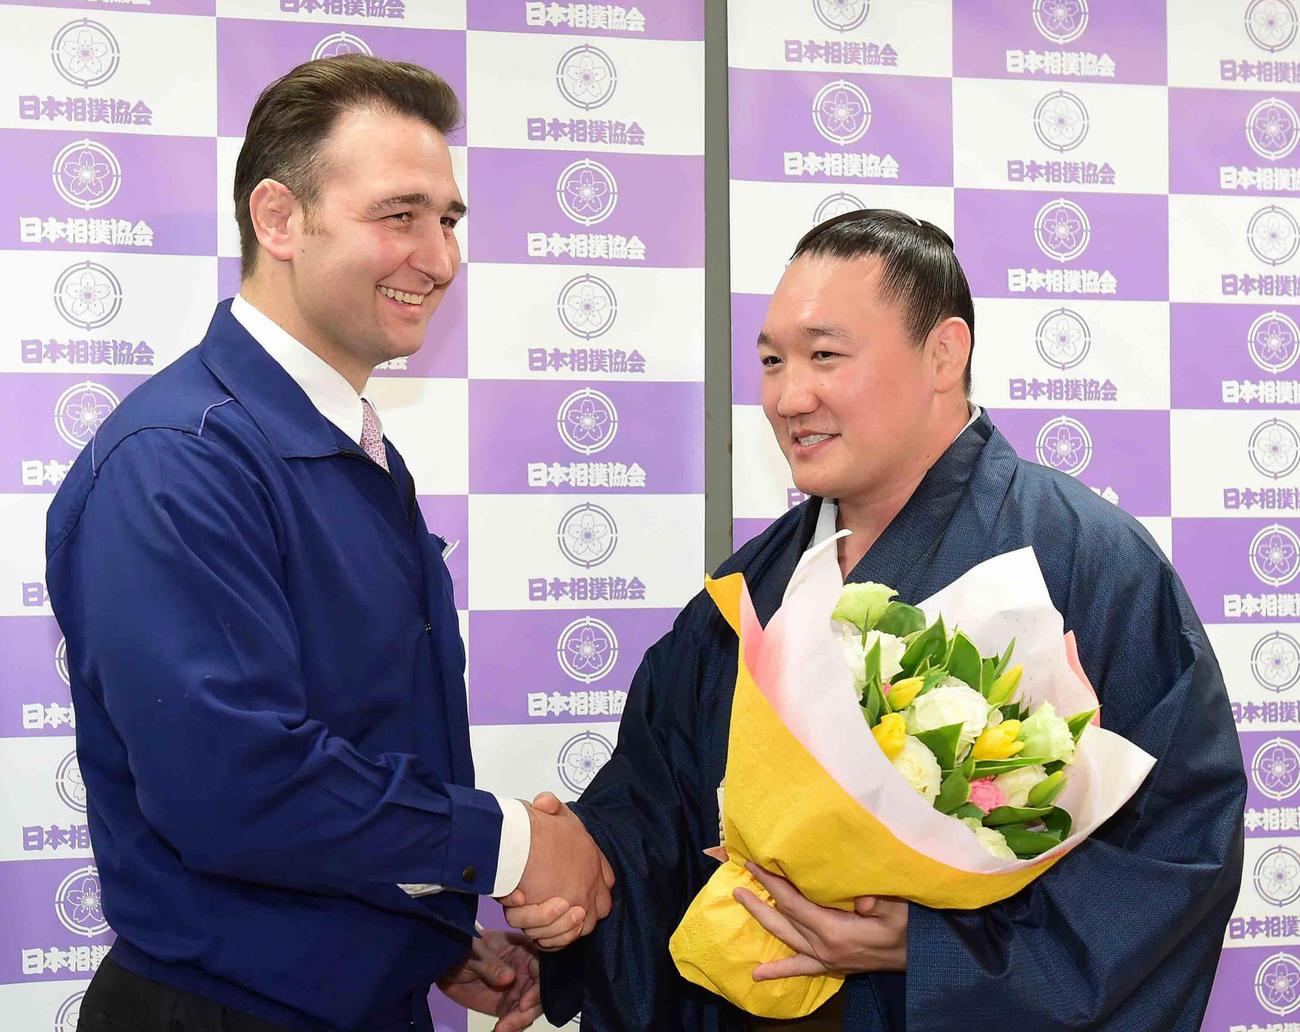 引退会見を終えた荒鷲は同期の鳴戸親方(左)から花束贈呈を受ける(撮影・小沢裕)